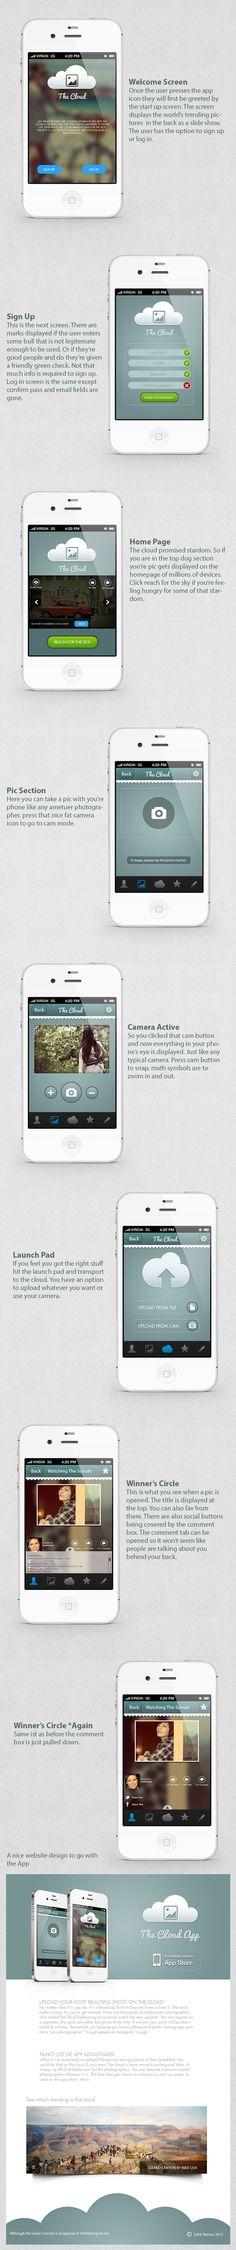 The Cloud Photo App - iOS by Zahir Ramos, via Behance